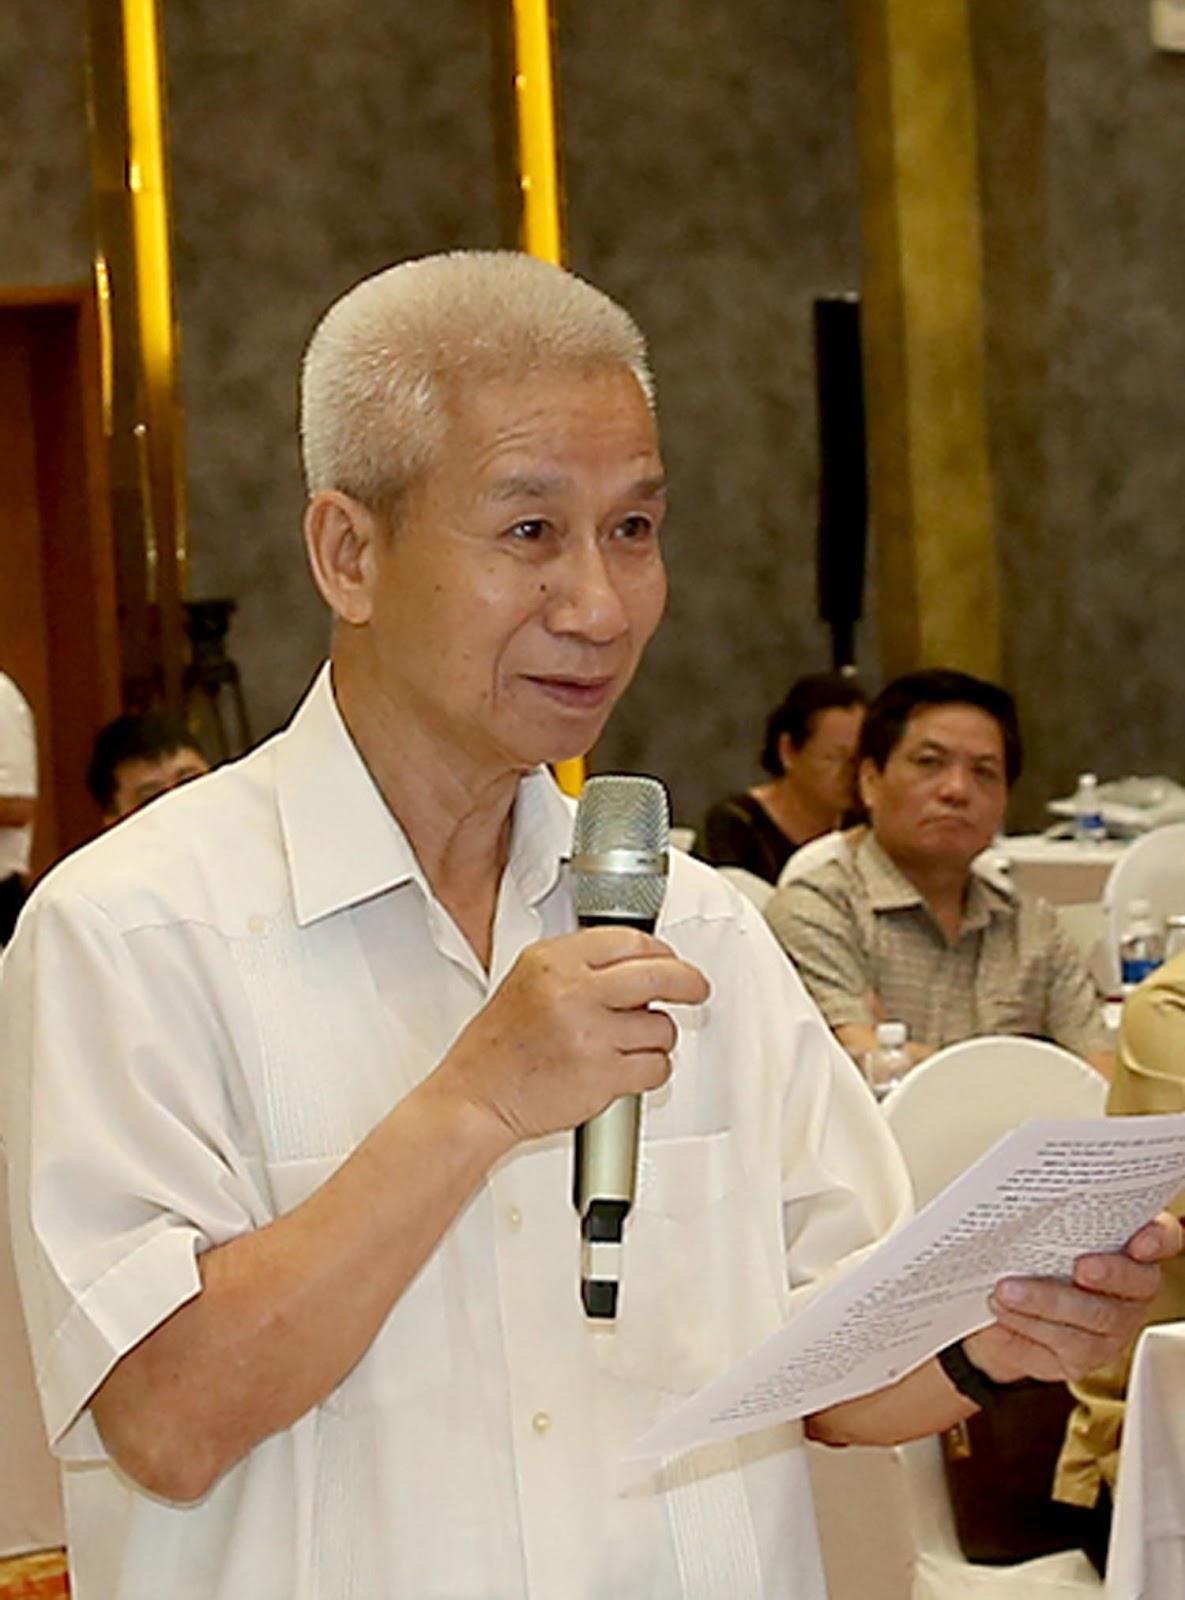 Ông Lê Quốc Trung, Nguyên Phó Chủ tịch Thường trực Hội Nhà báo Việt Nam. Ảnh: Sơn Hải